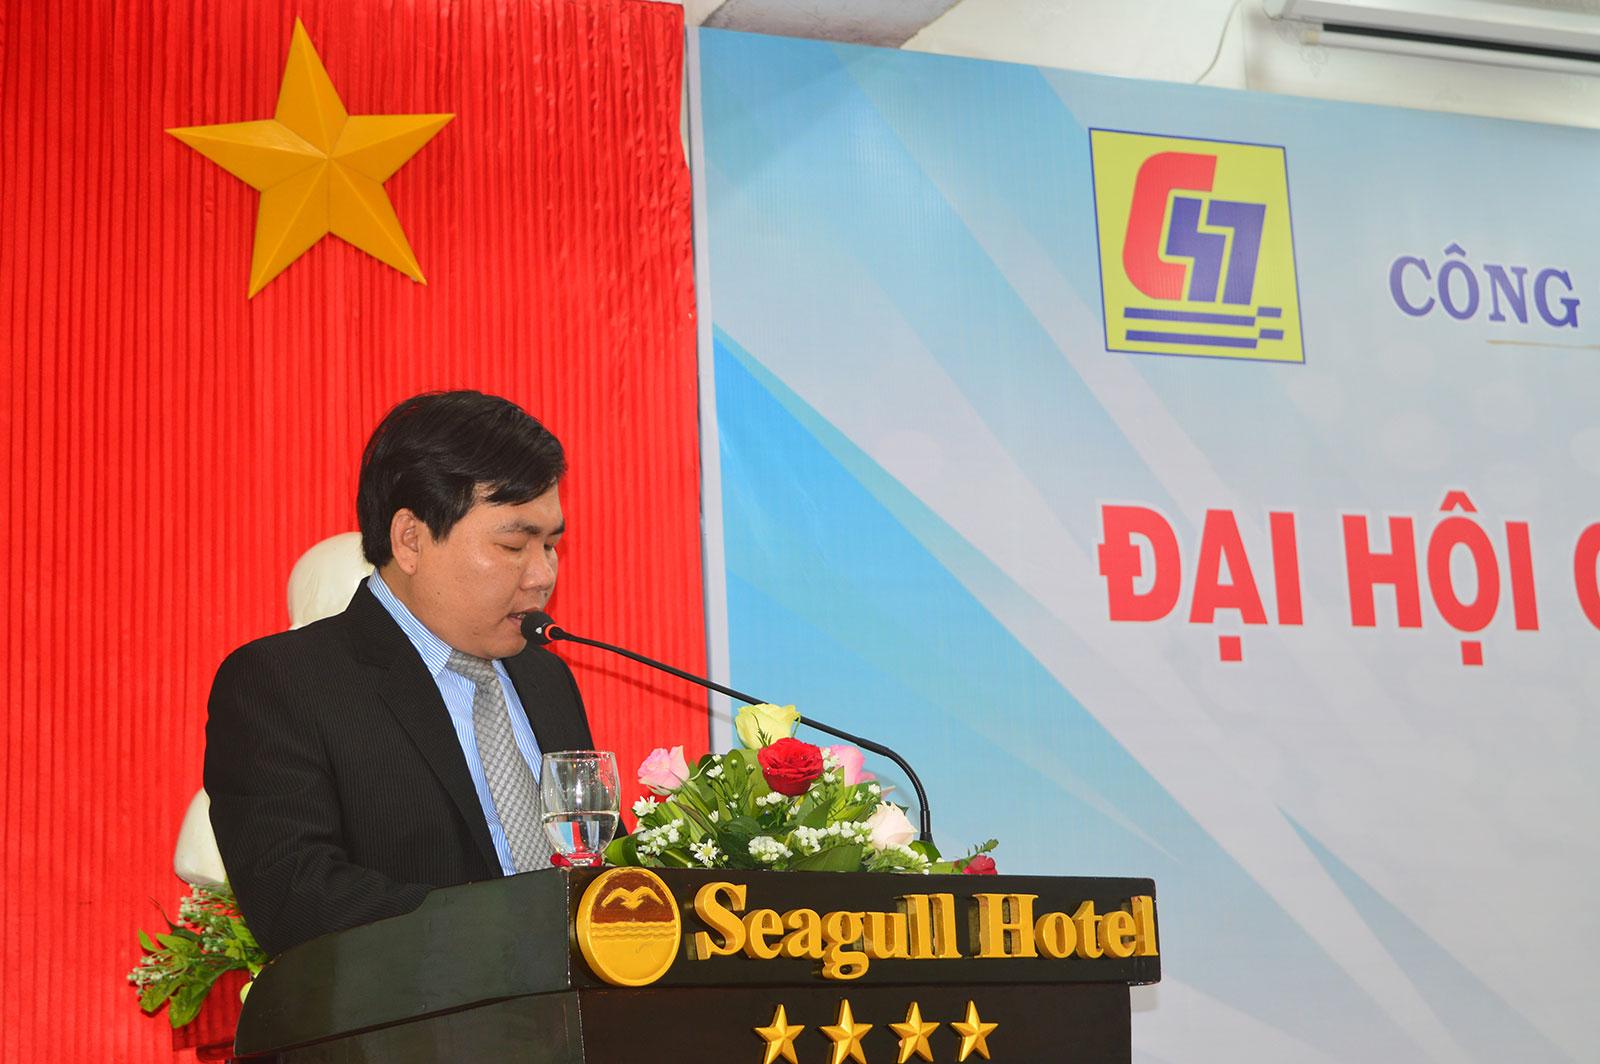 Ông Dương Minh Quang – Tổng Giám đốc công ty báo cáo tại đại hội.